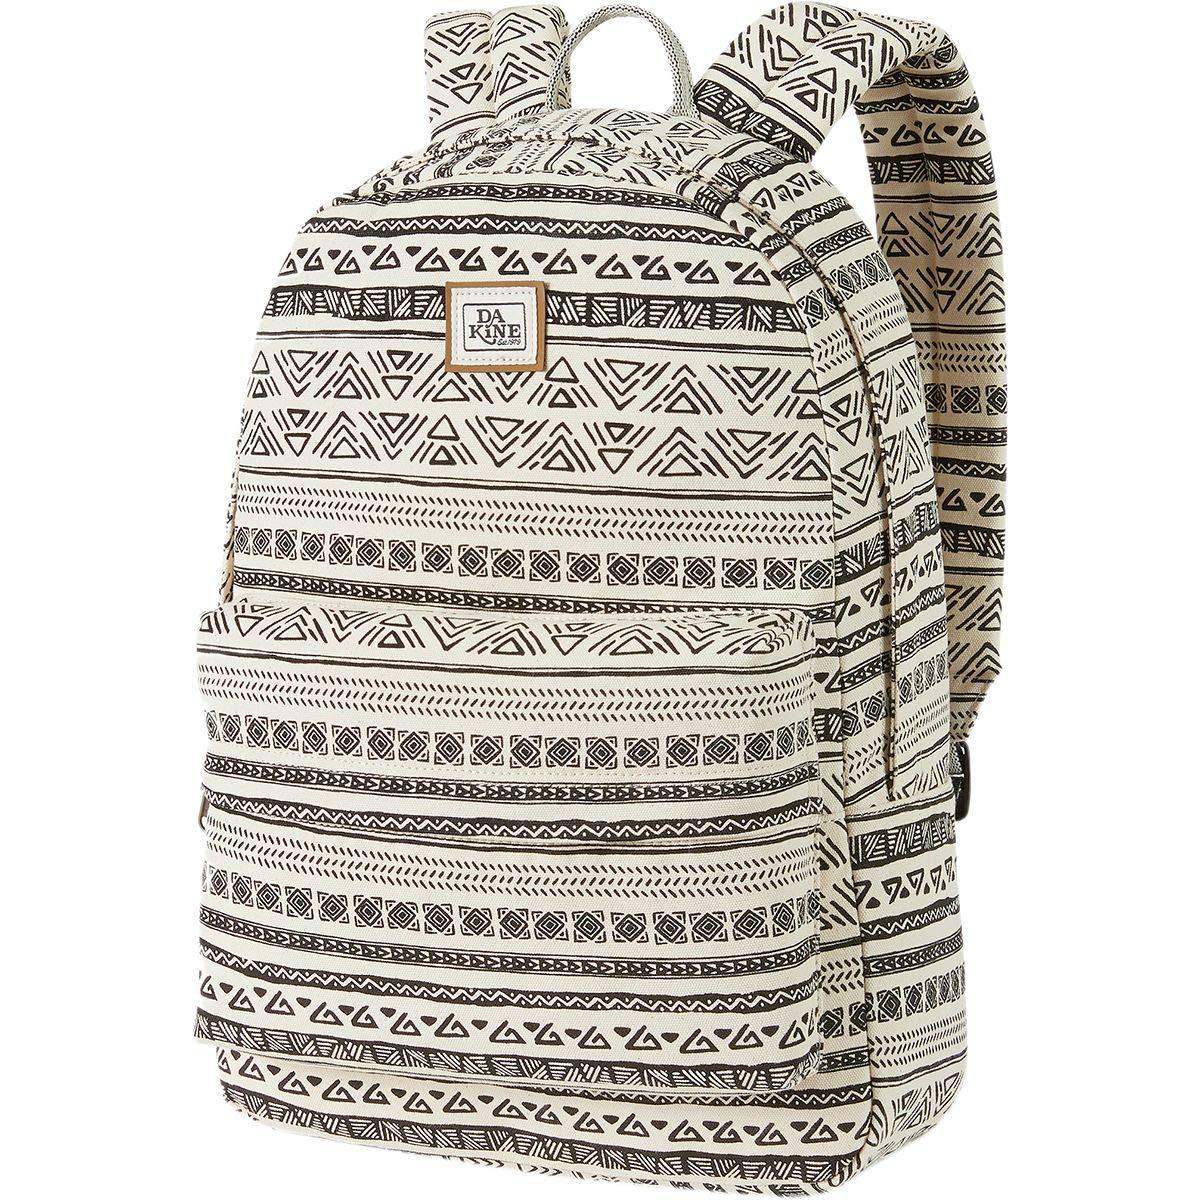 [ダカイン] メンズ バックパックリュックサック 365 SP 21L Backpack [並行輸入品] No-Size  B07QNK5Q18